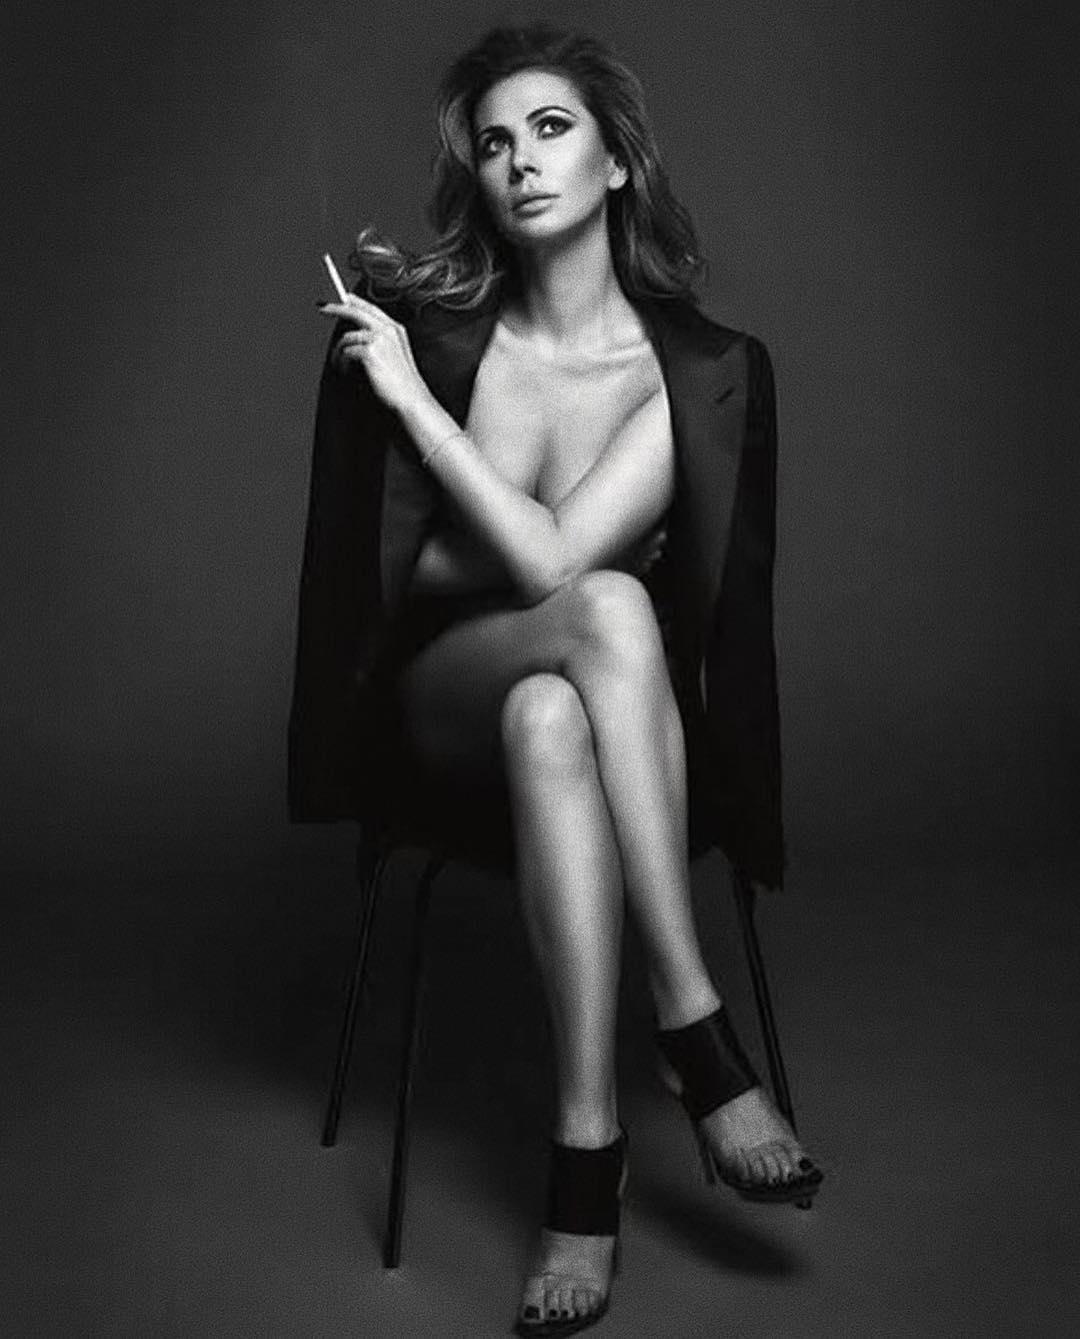 Irina Shayk farta-se de Lady Gaga enquanto lida com fantasma das traições